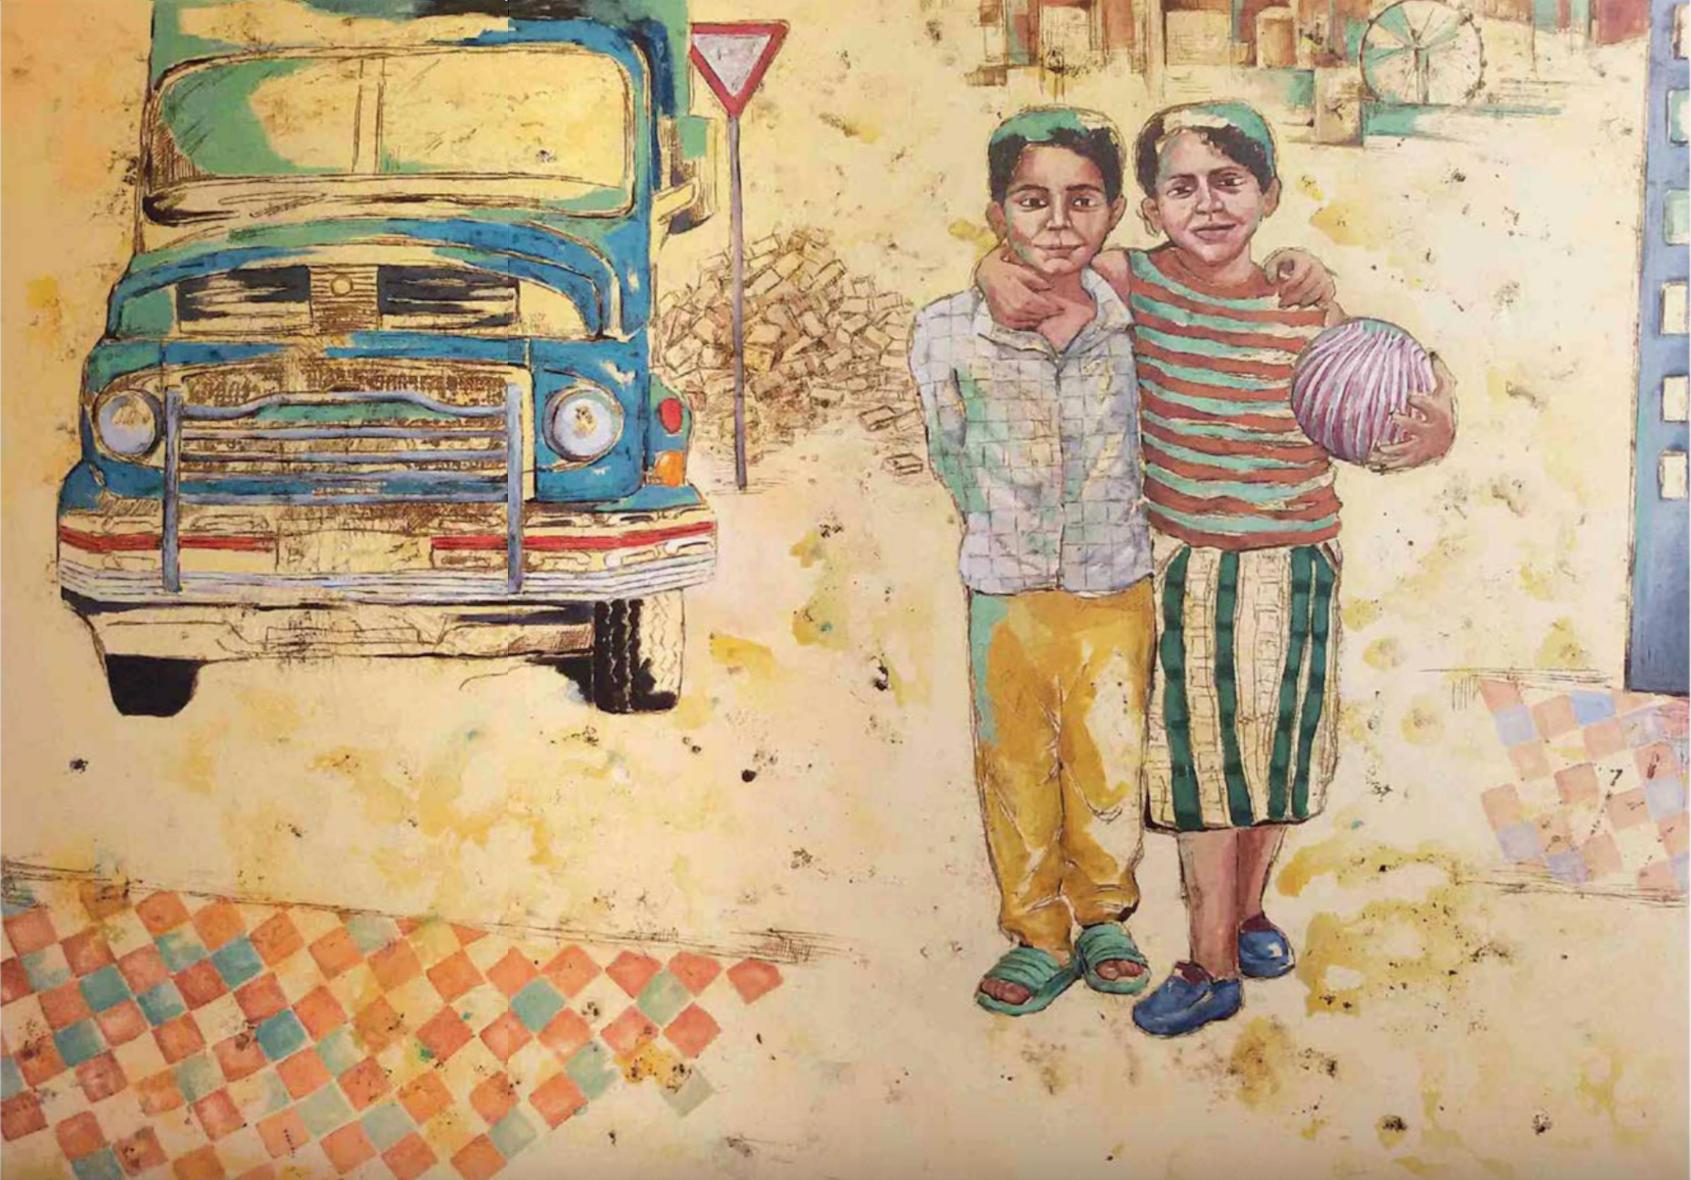 Behnaz Zangi, Untitled, acrylic and mixed media on canvas, 100 x 120 cm, 2015